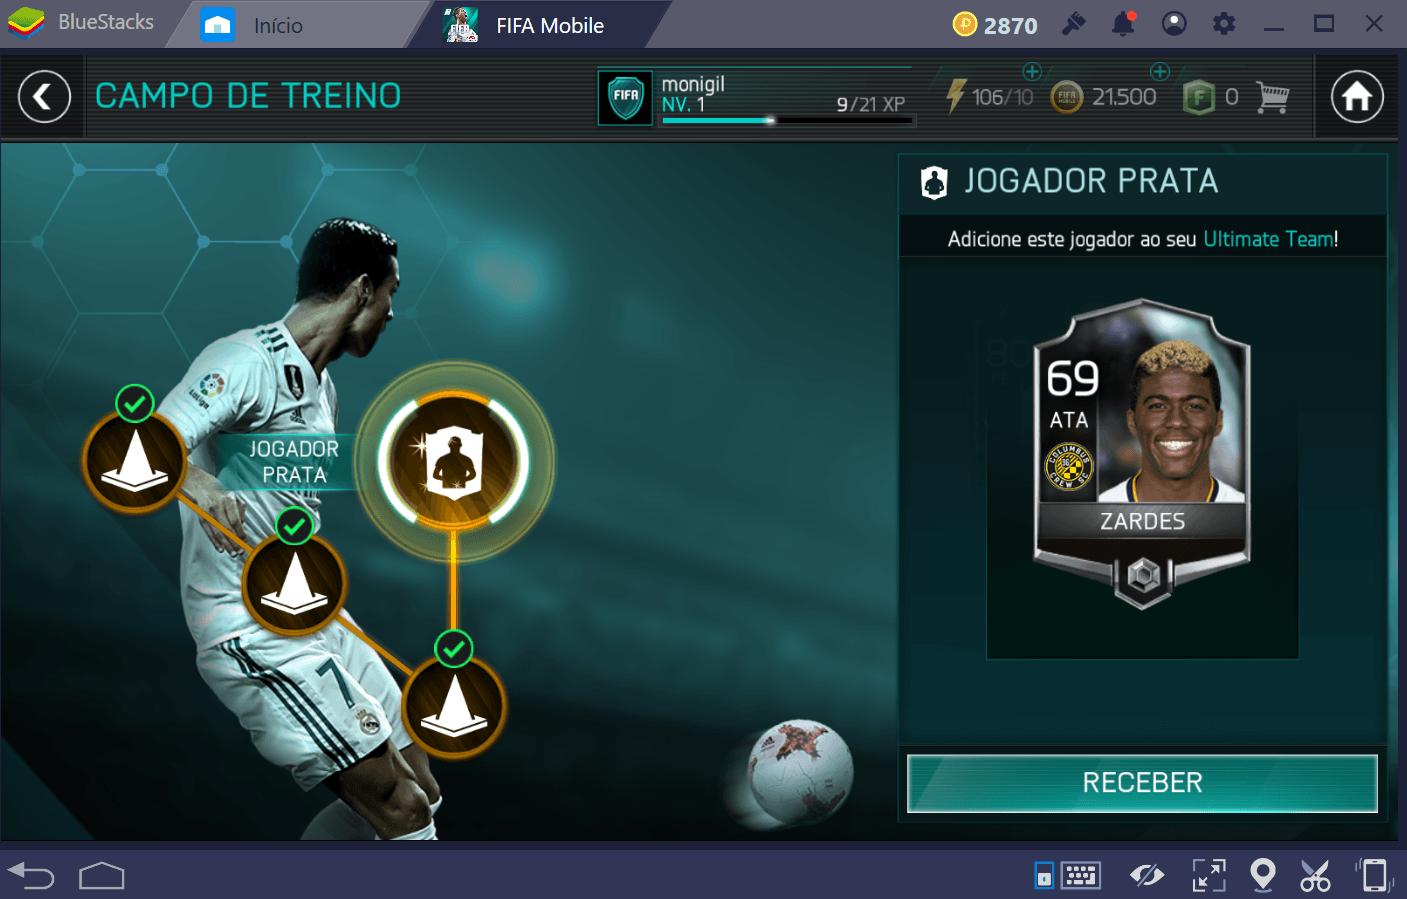 Guia básico para Futebol FIFA: FIFA World Cup (FIFA Mobile)